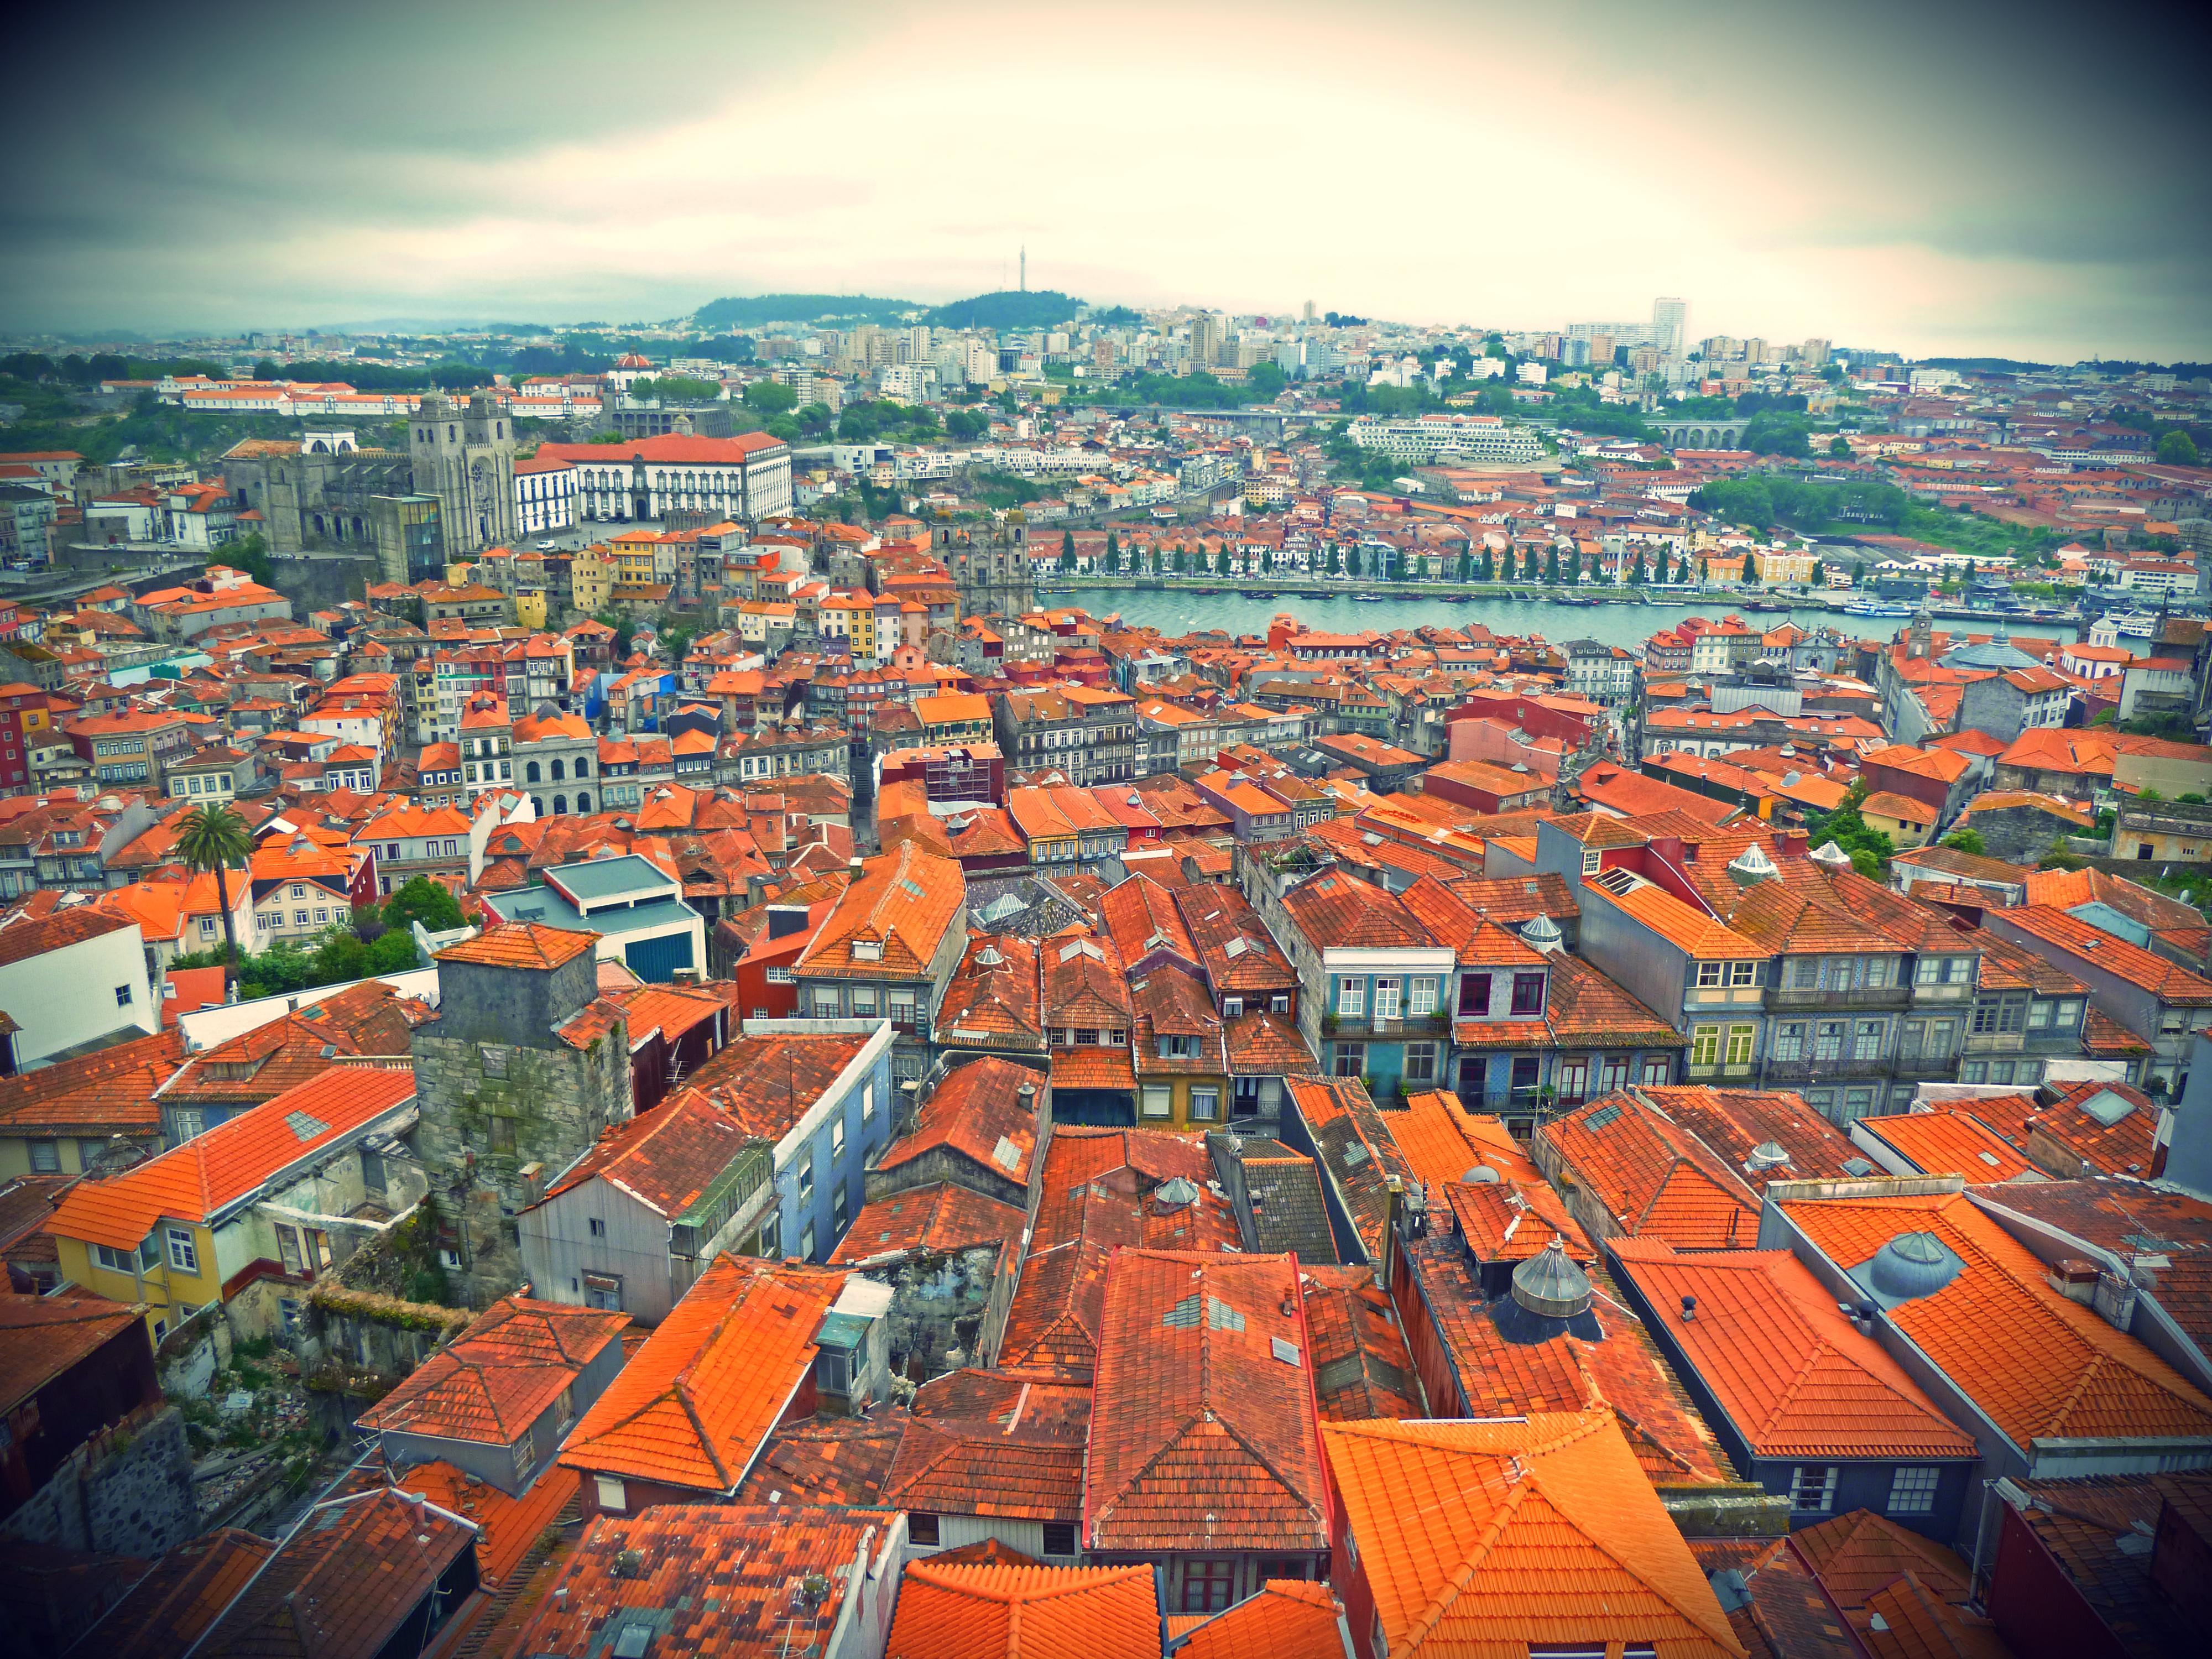 Porto nomeado para Melhor Destino Europeu 2017